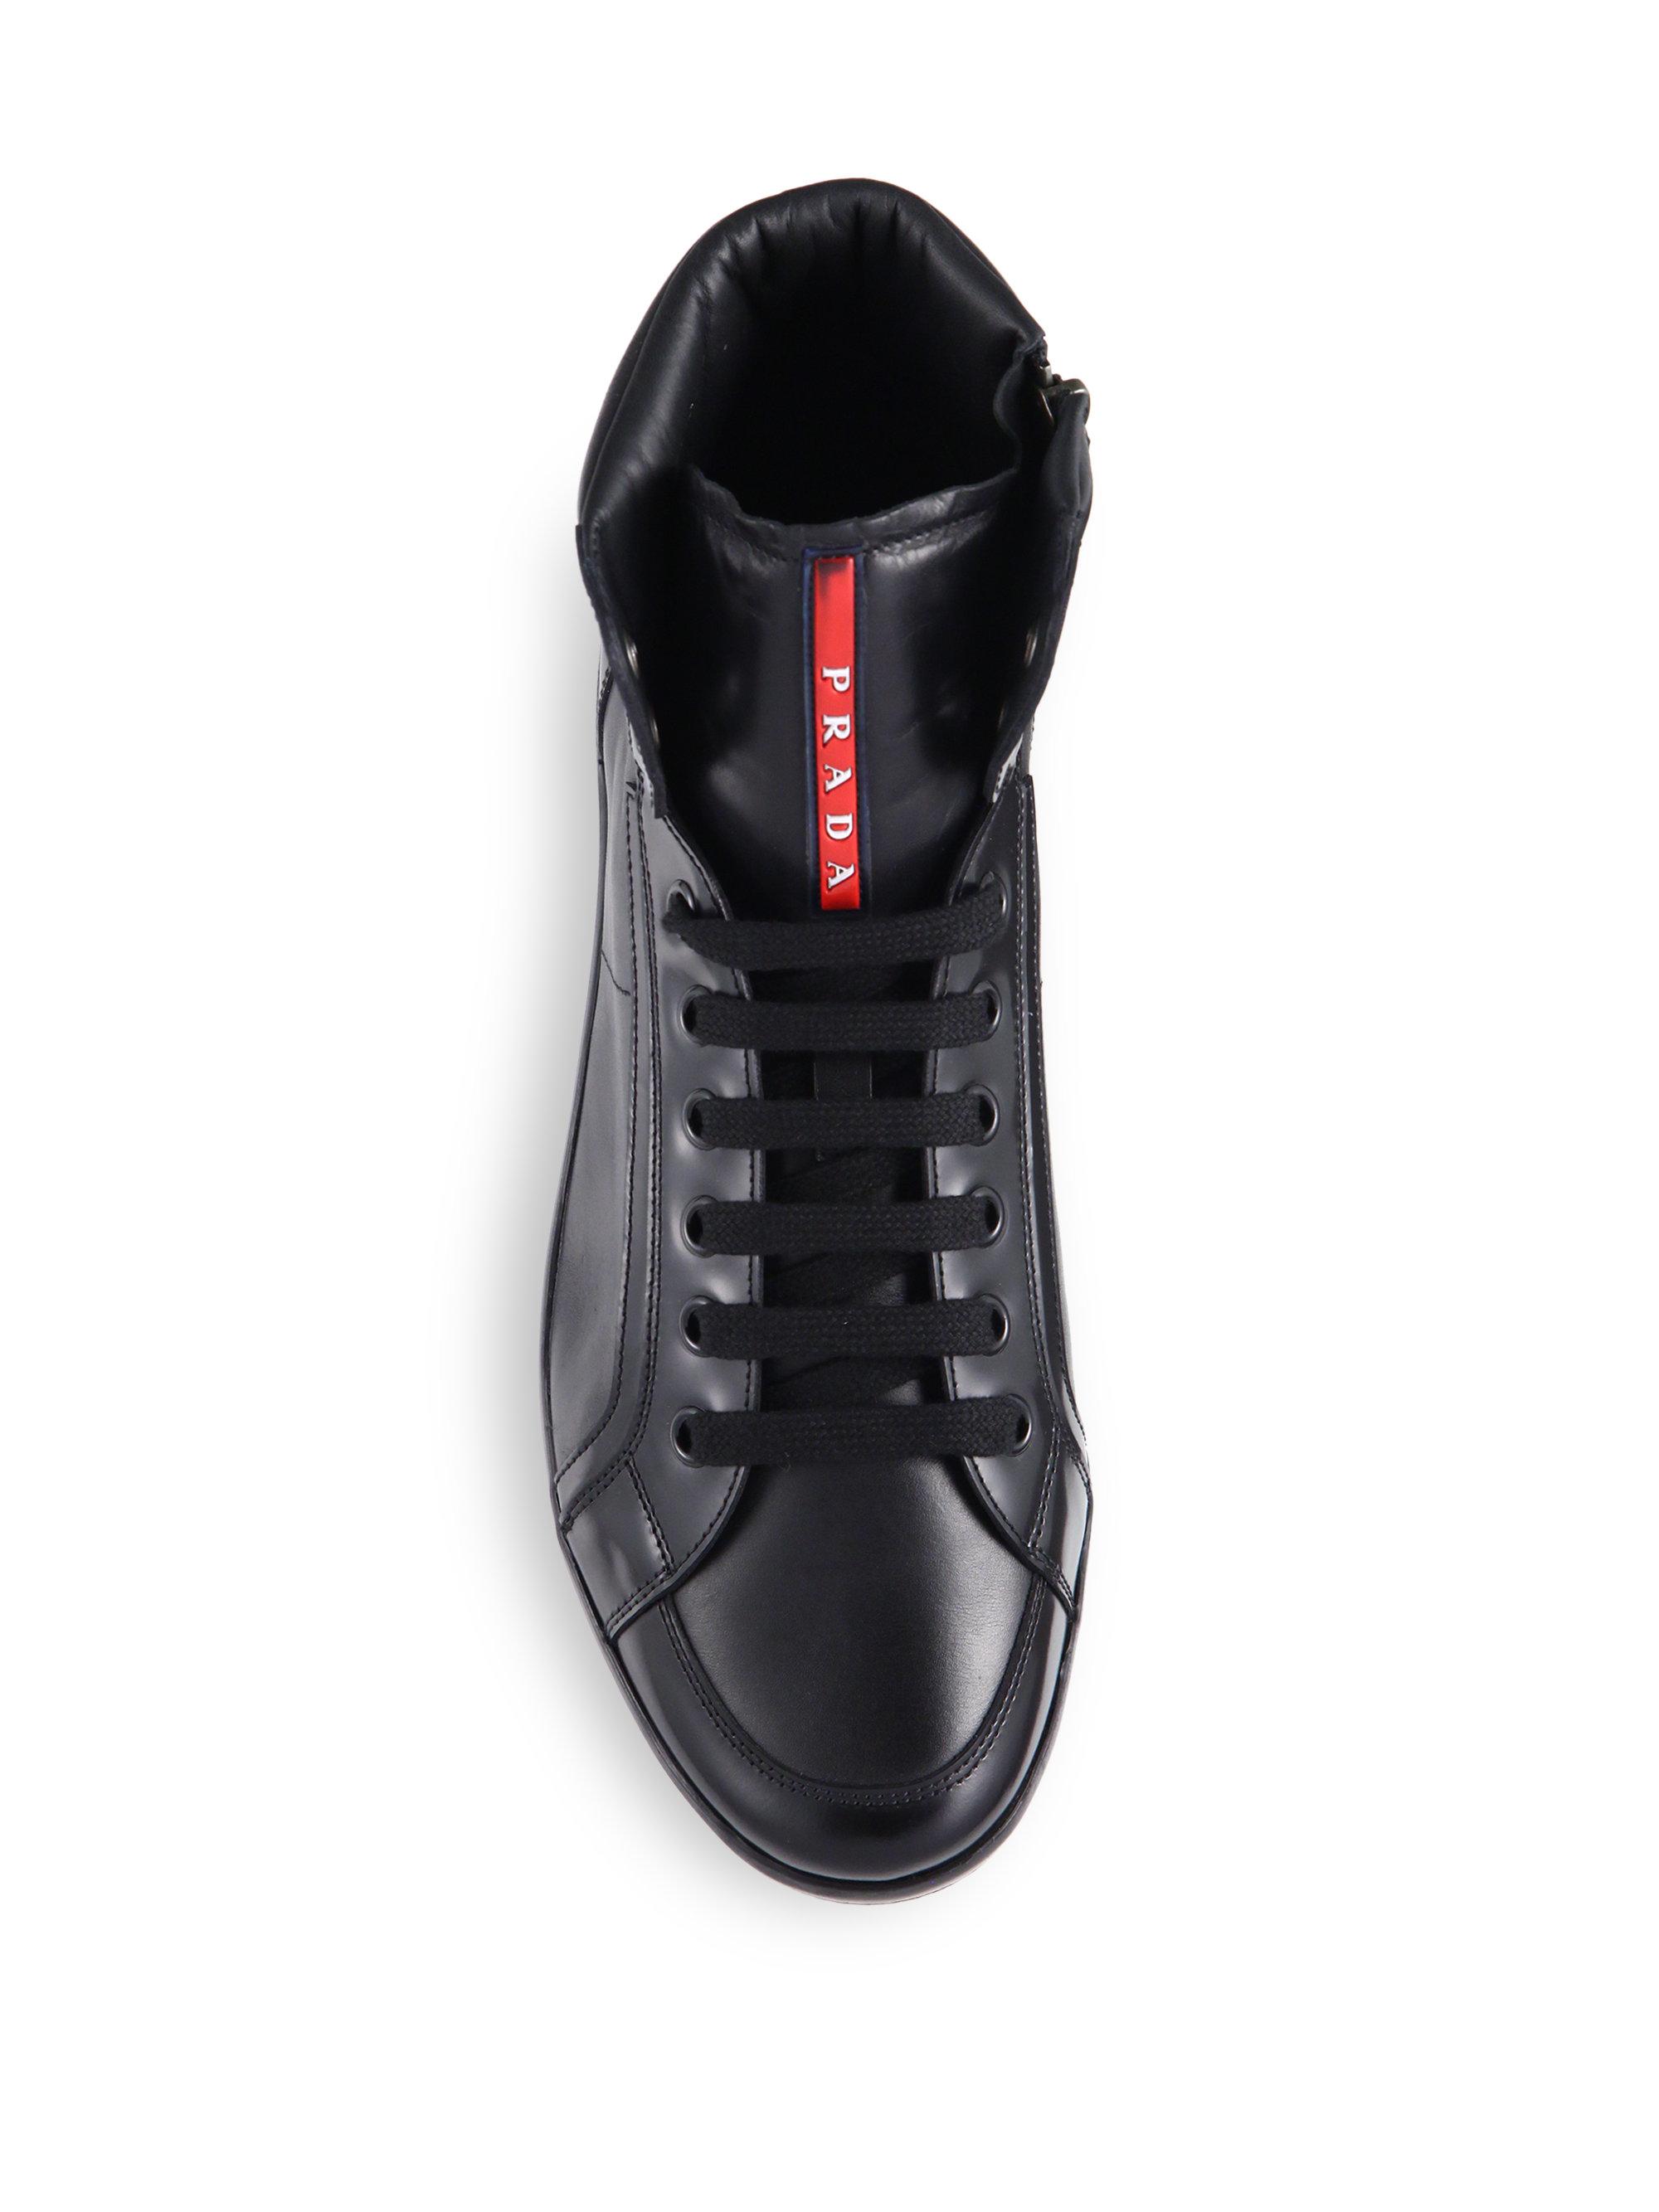 prada leather sneakers for men